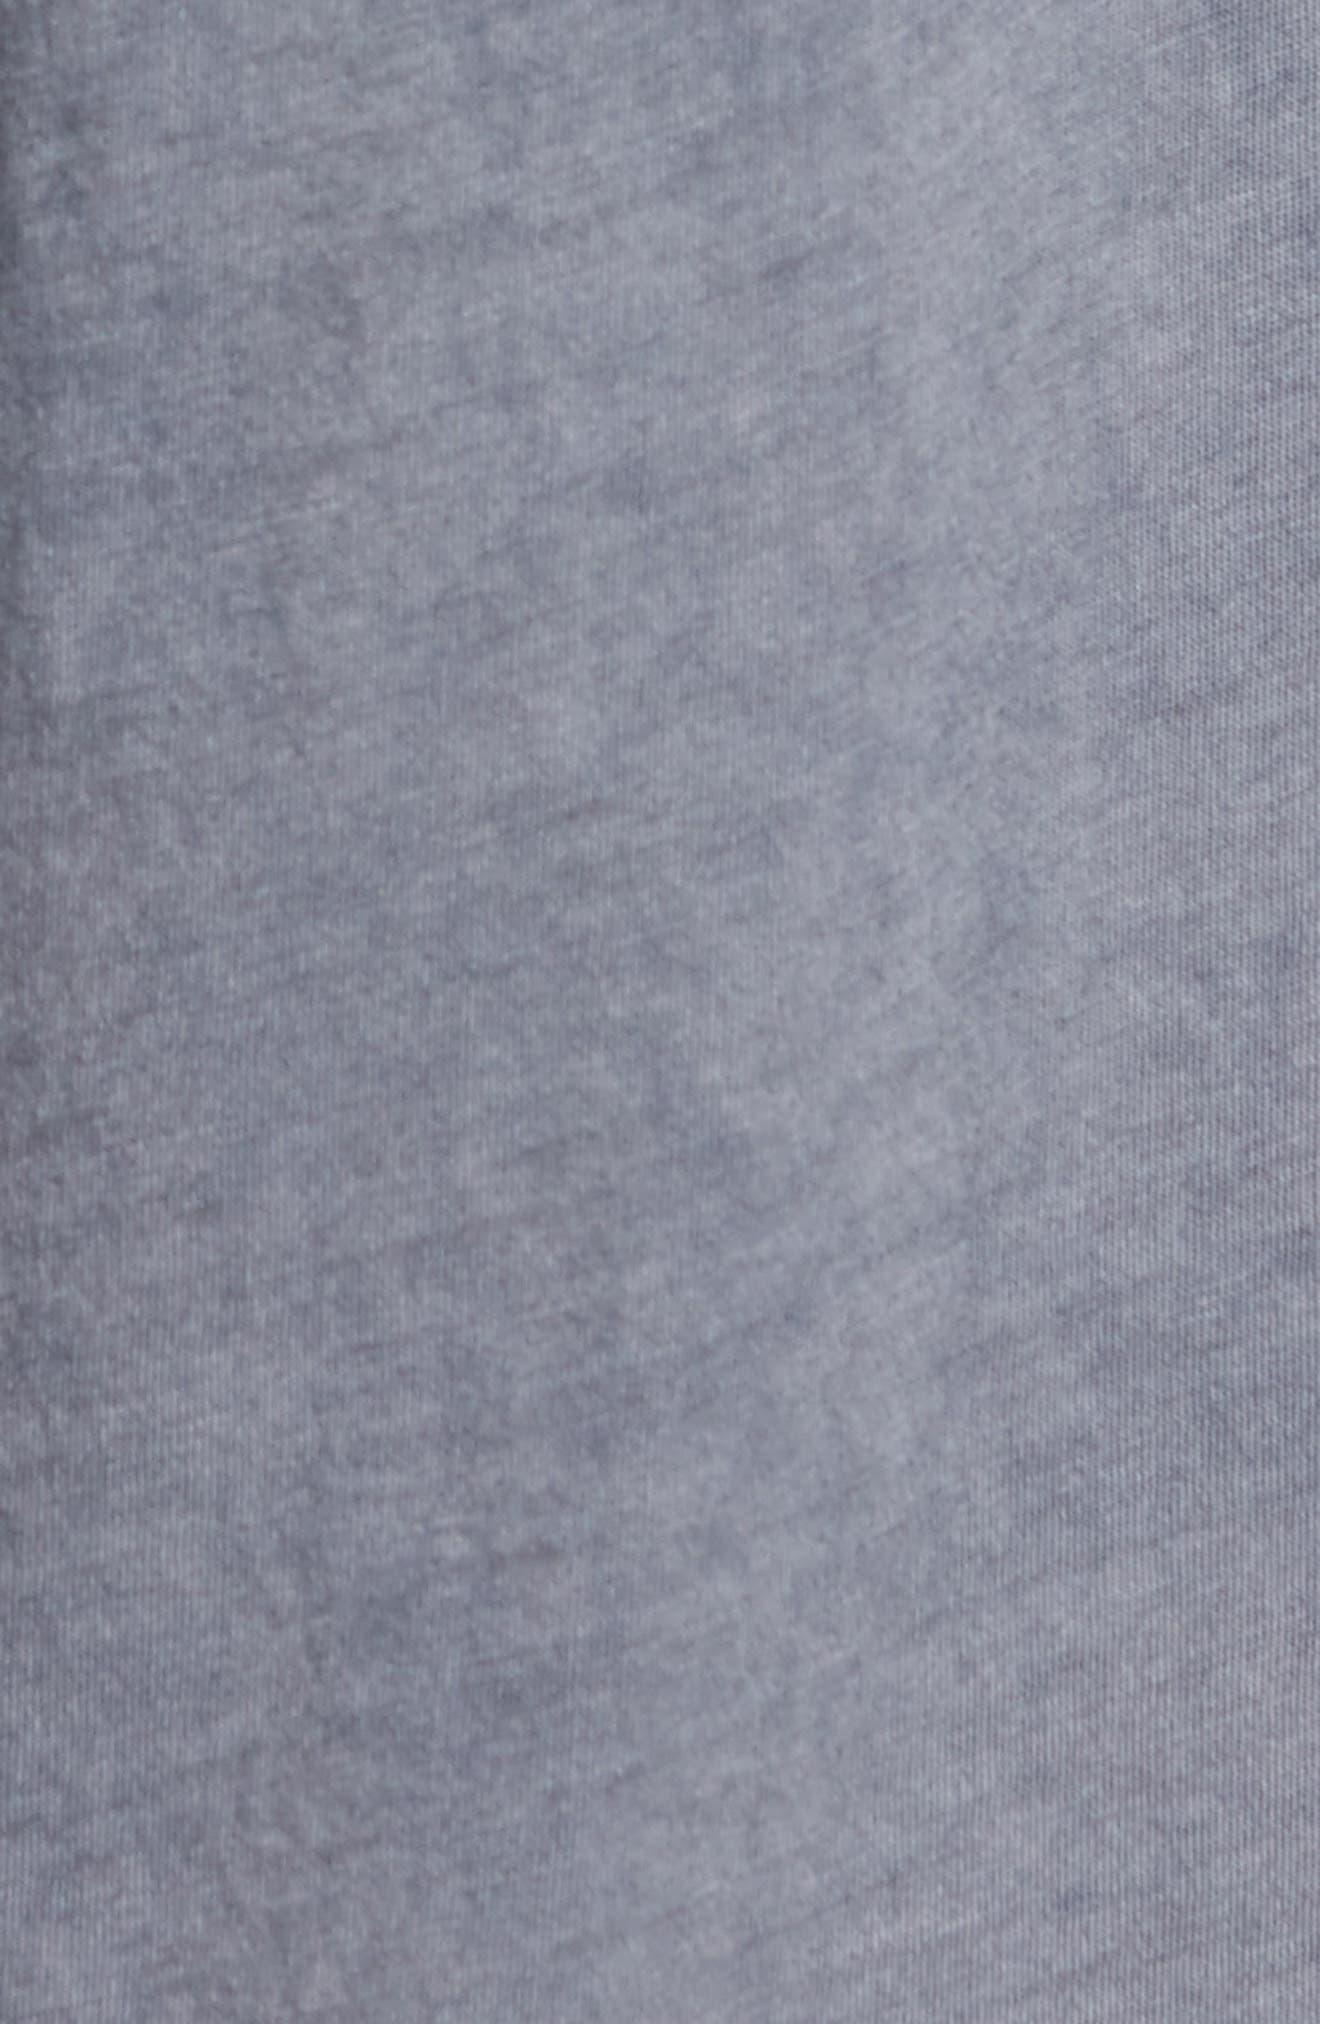 Cotton Lounge Pants,                             Alternate thumbnail 5, color,                             410